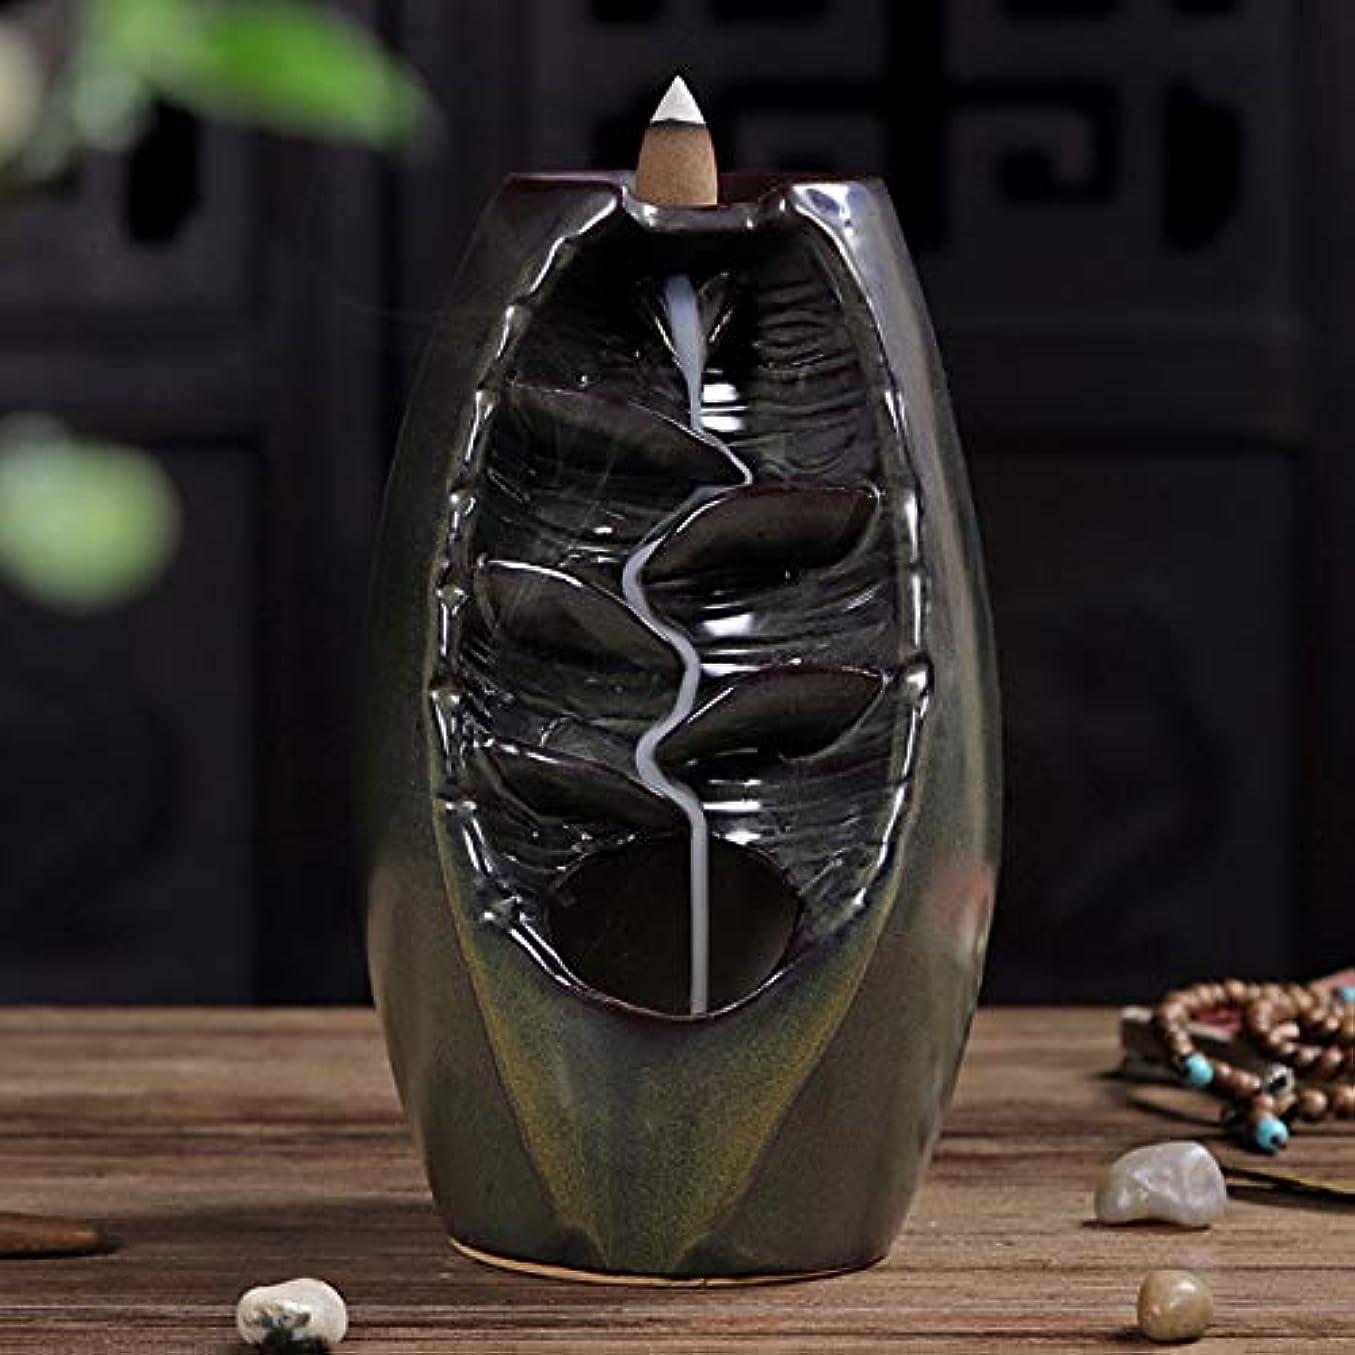 村専門用語くちばしVosarea 逆流香バーナー滝香ホルダーアロマ飾り仏教用品(茶)